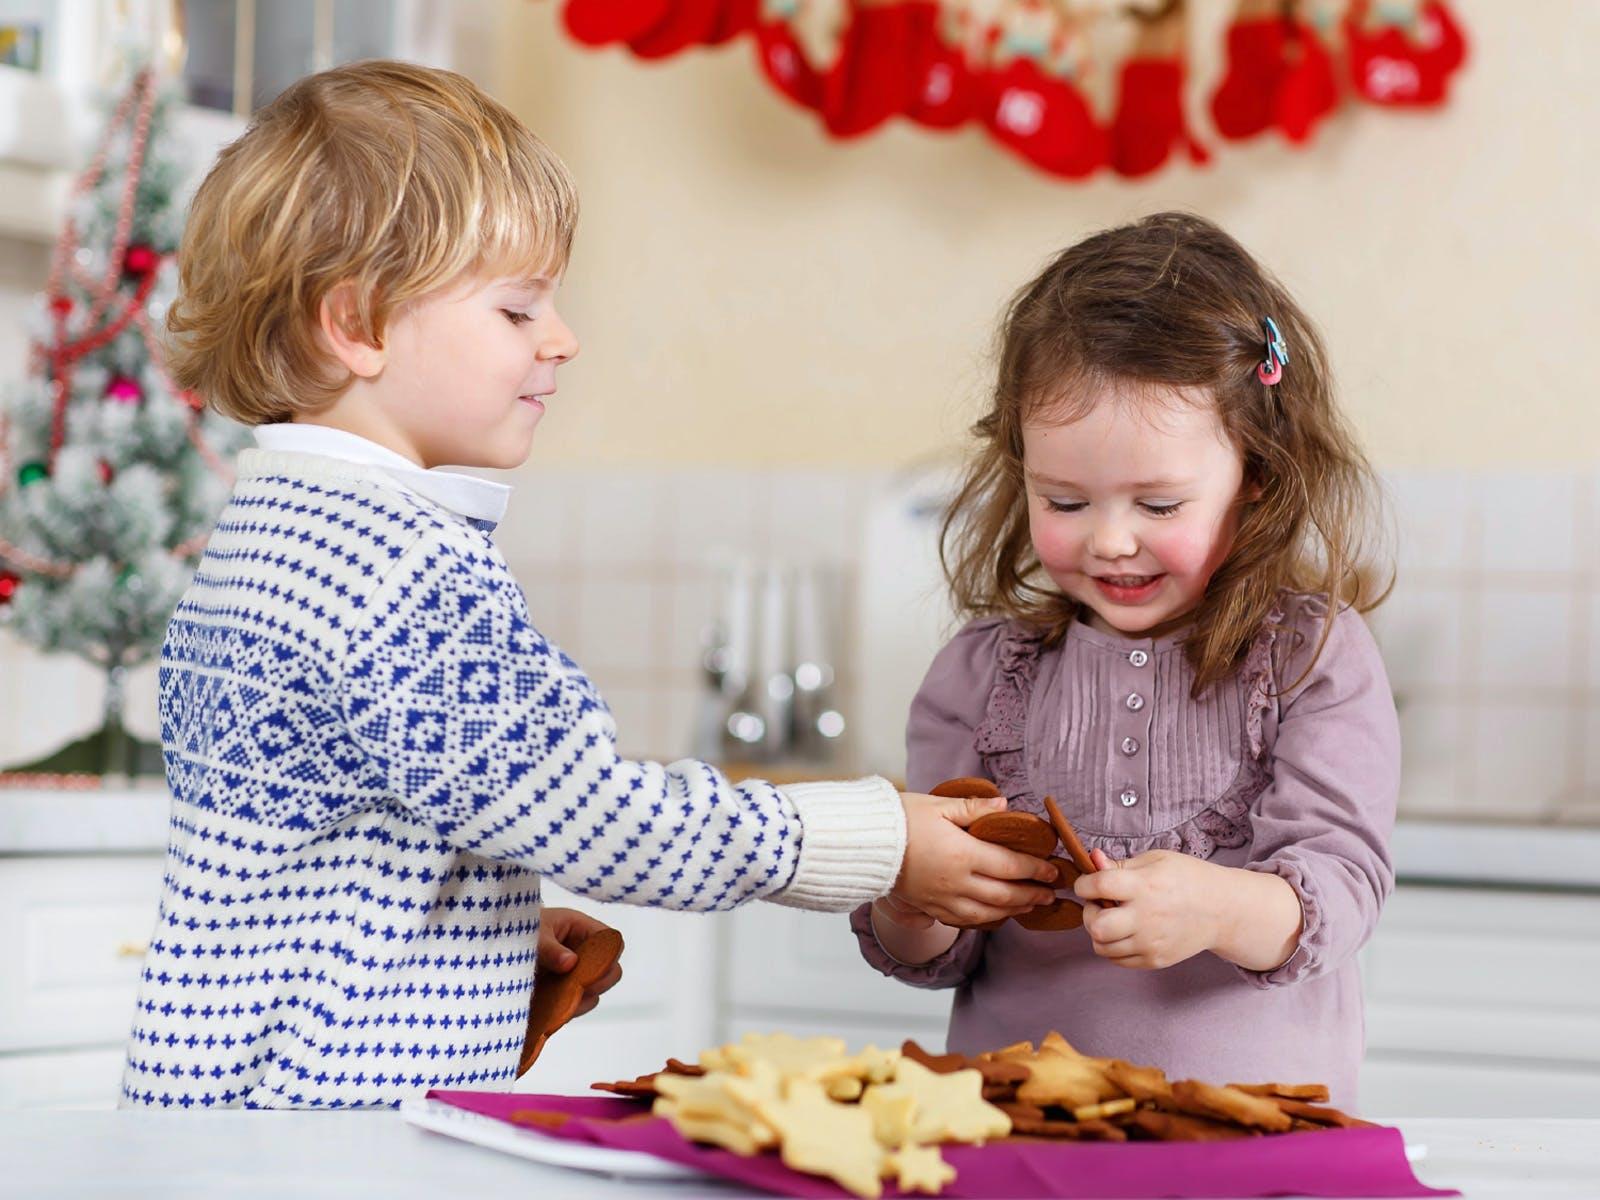 Ordre Des Plats Dans Un Menu De Noel.Noel Des Idees De Menus Sympas Pour Les Enfants Parents Fr